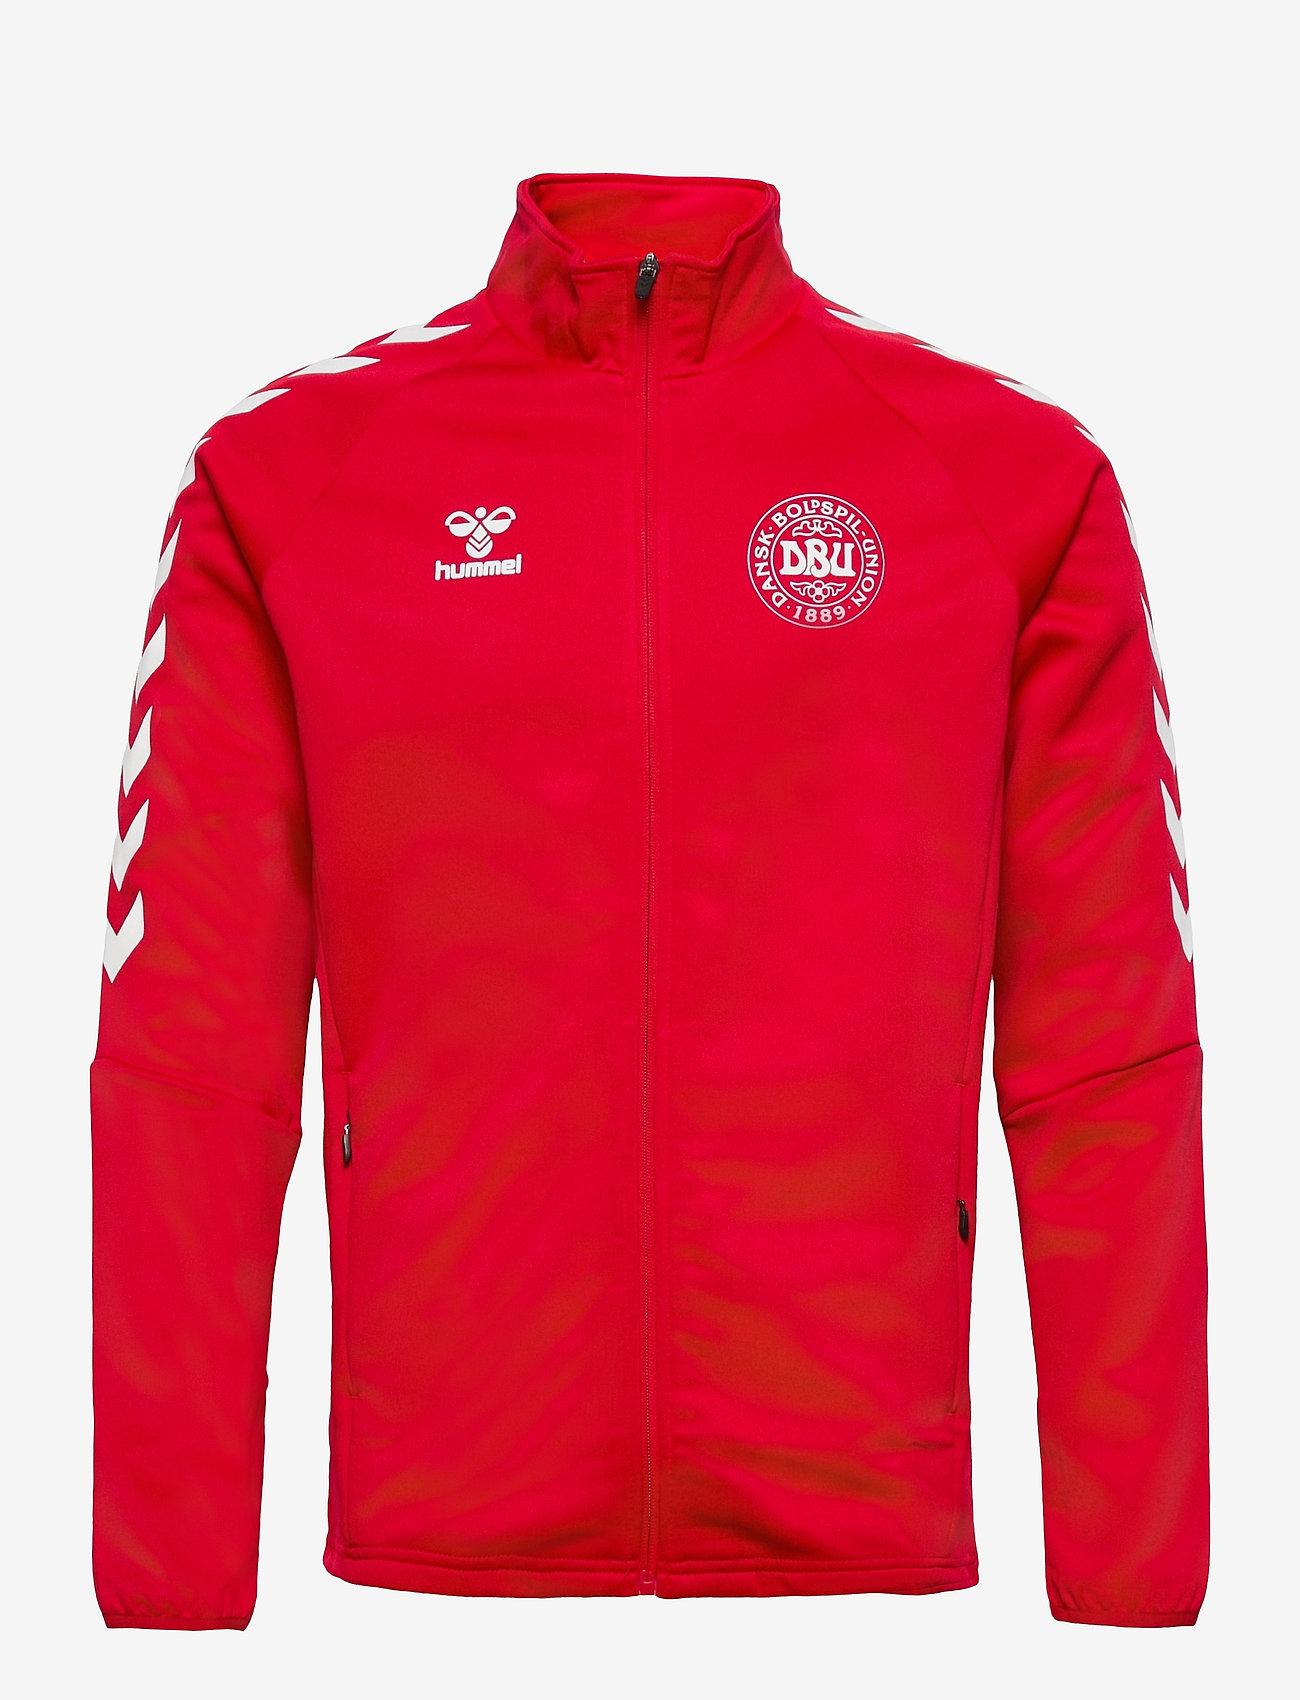 Hummel - DBU FAN 2020 ZIP JACKET - sweaters - tango red - 0